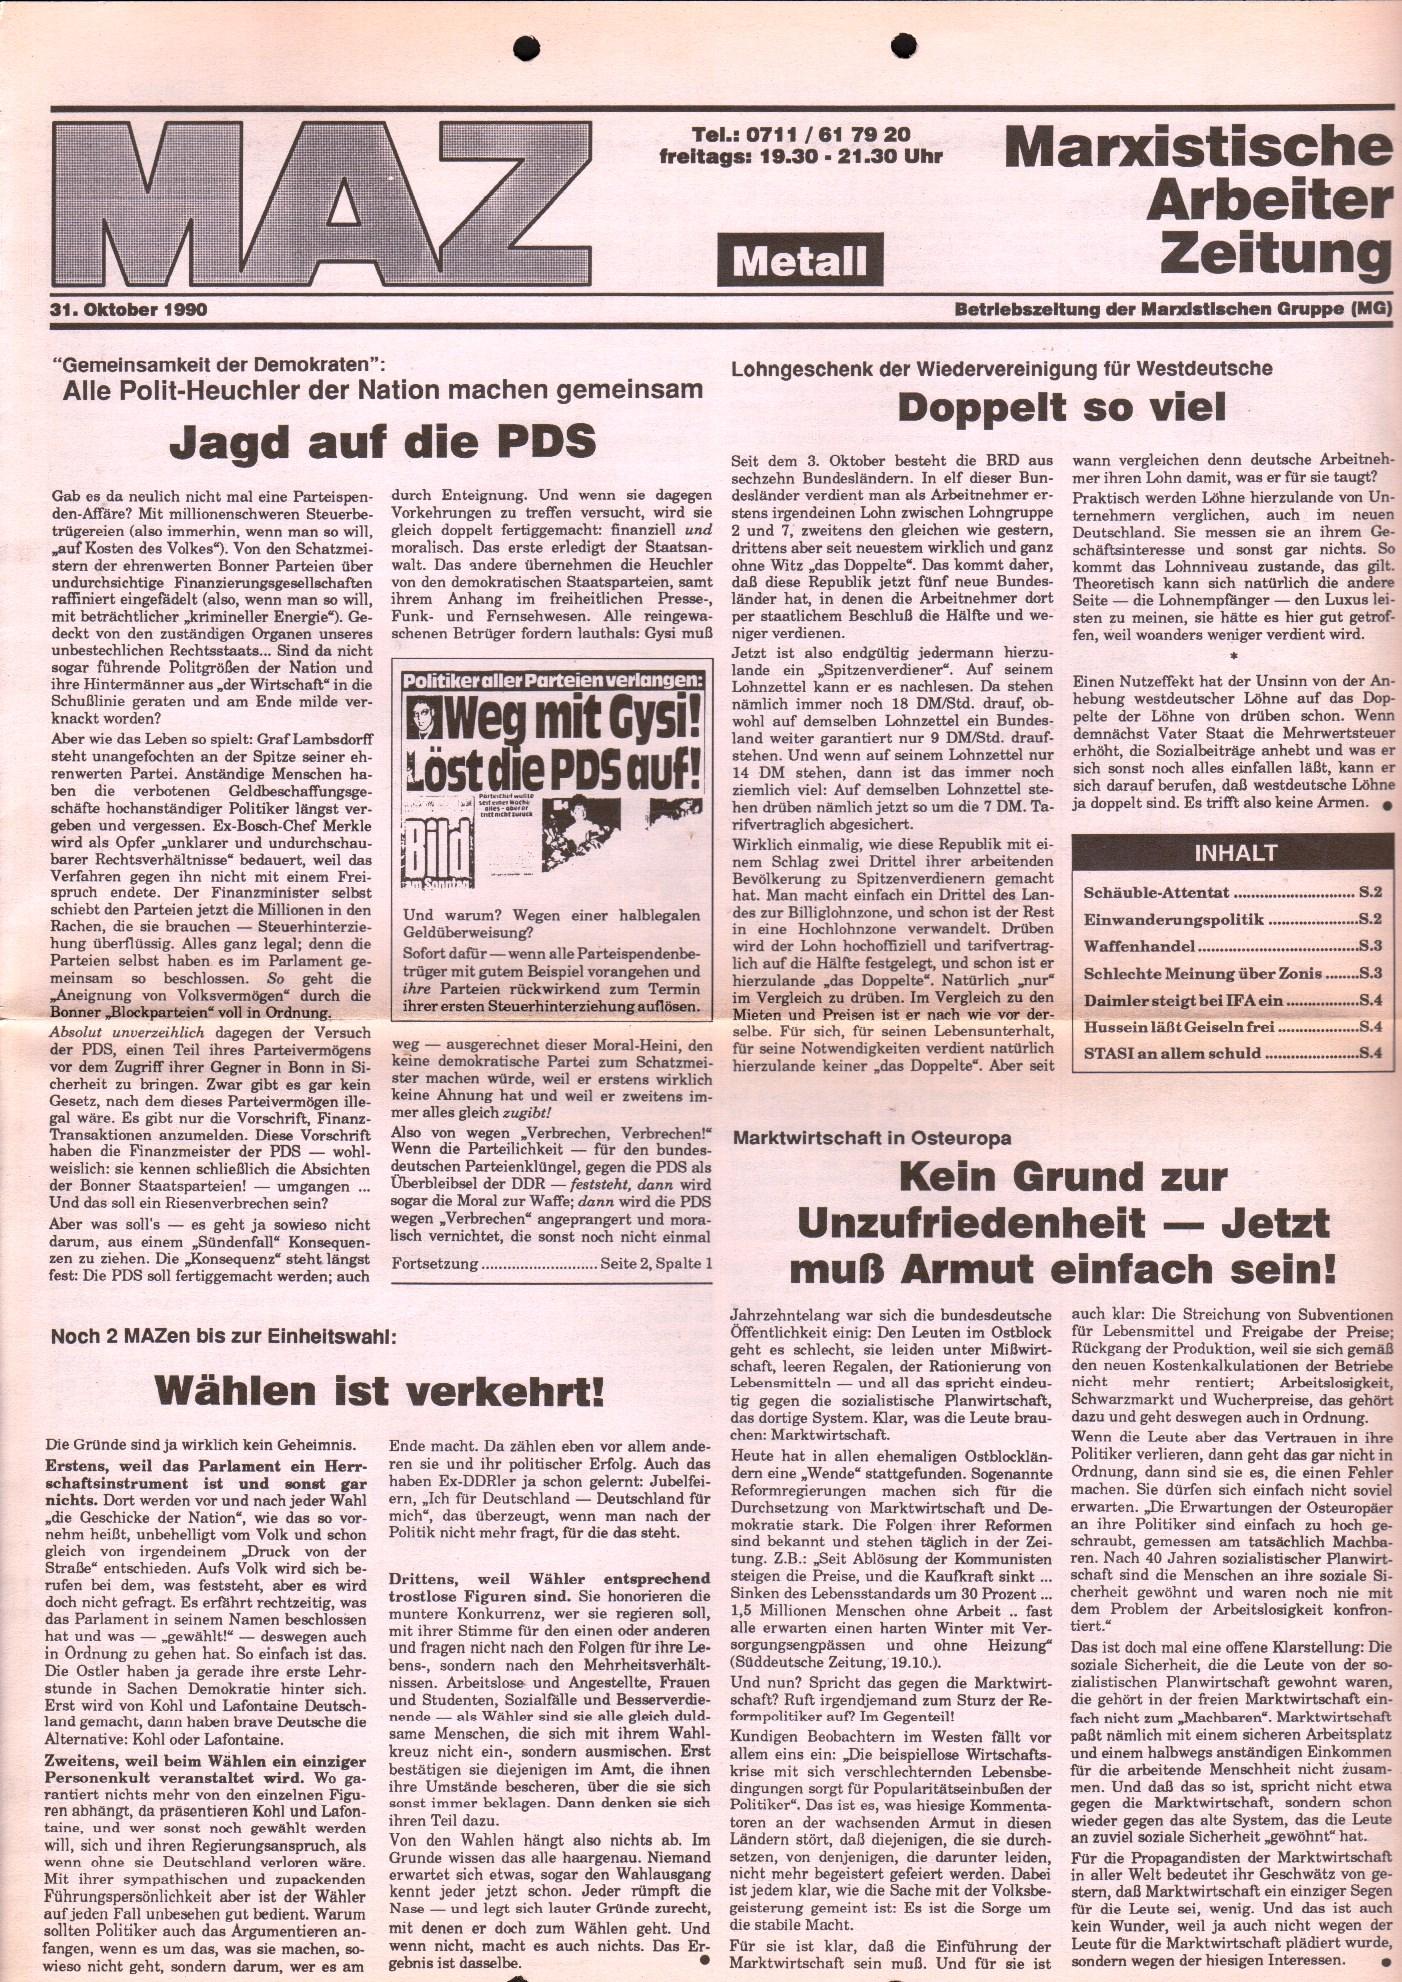 BW_MG_Marxistische_Arbeiterzeitung_19901031_01